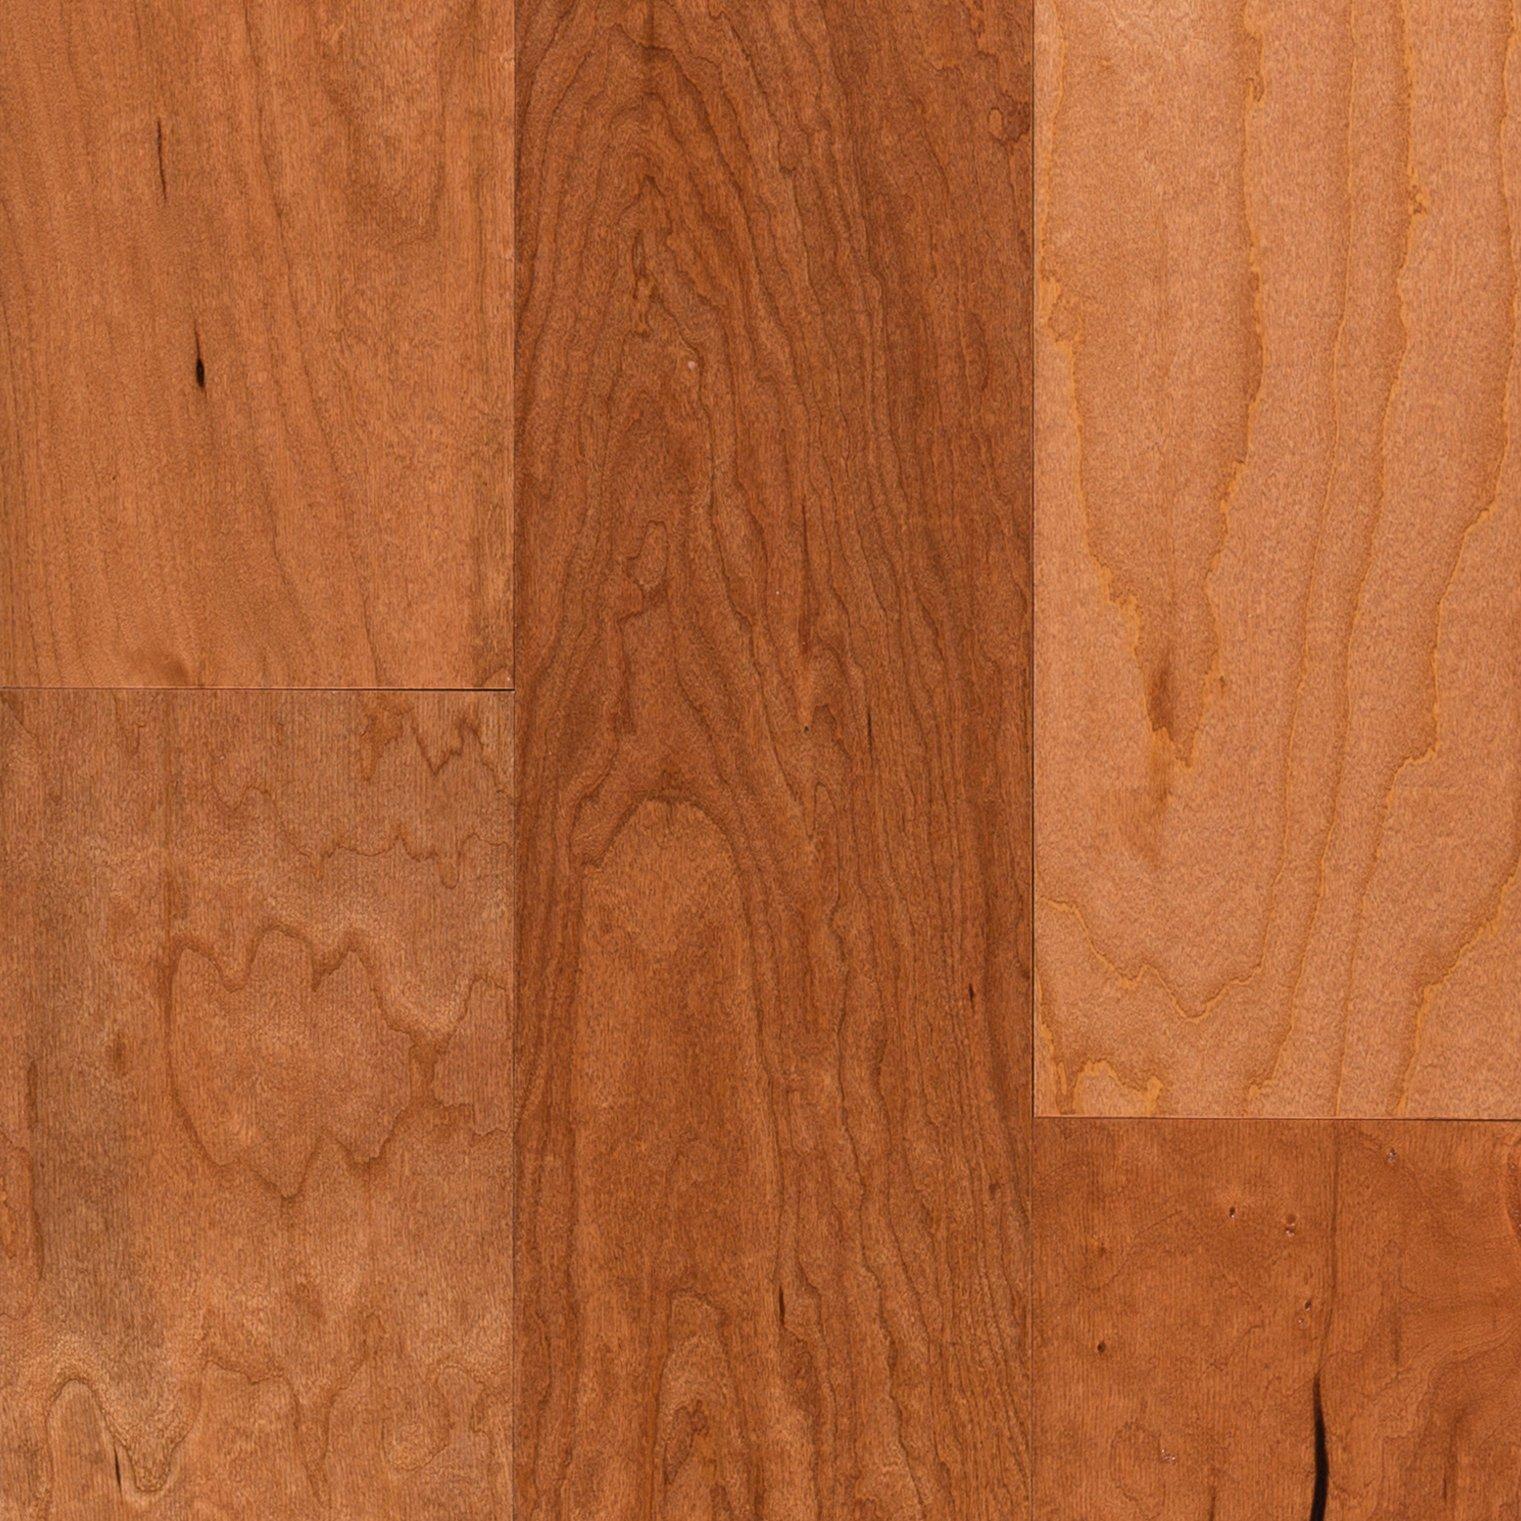 cherry hand scraped engineered hardwood